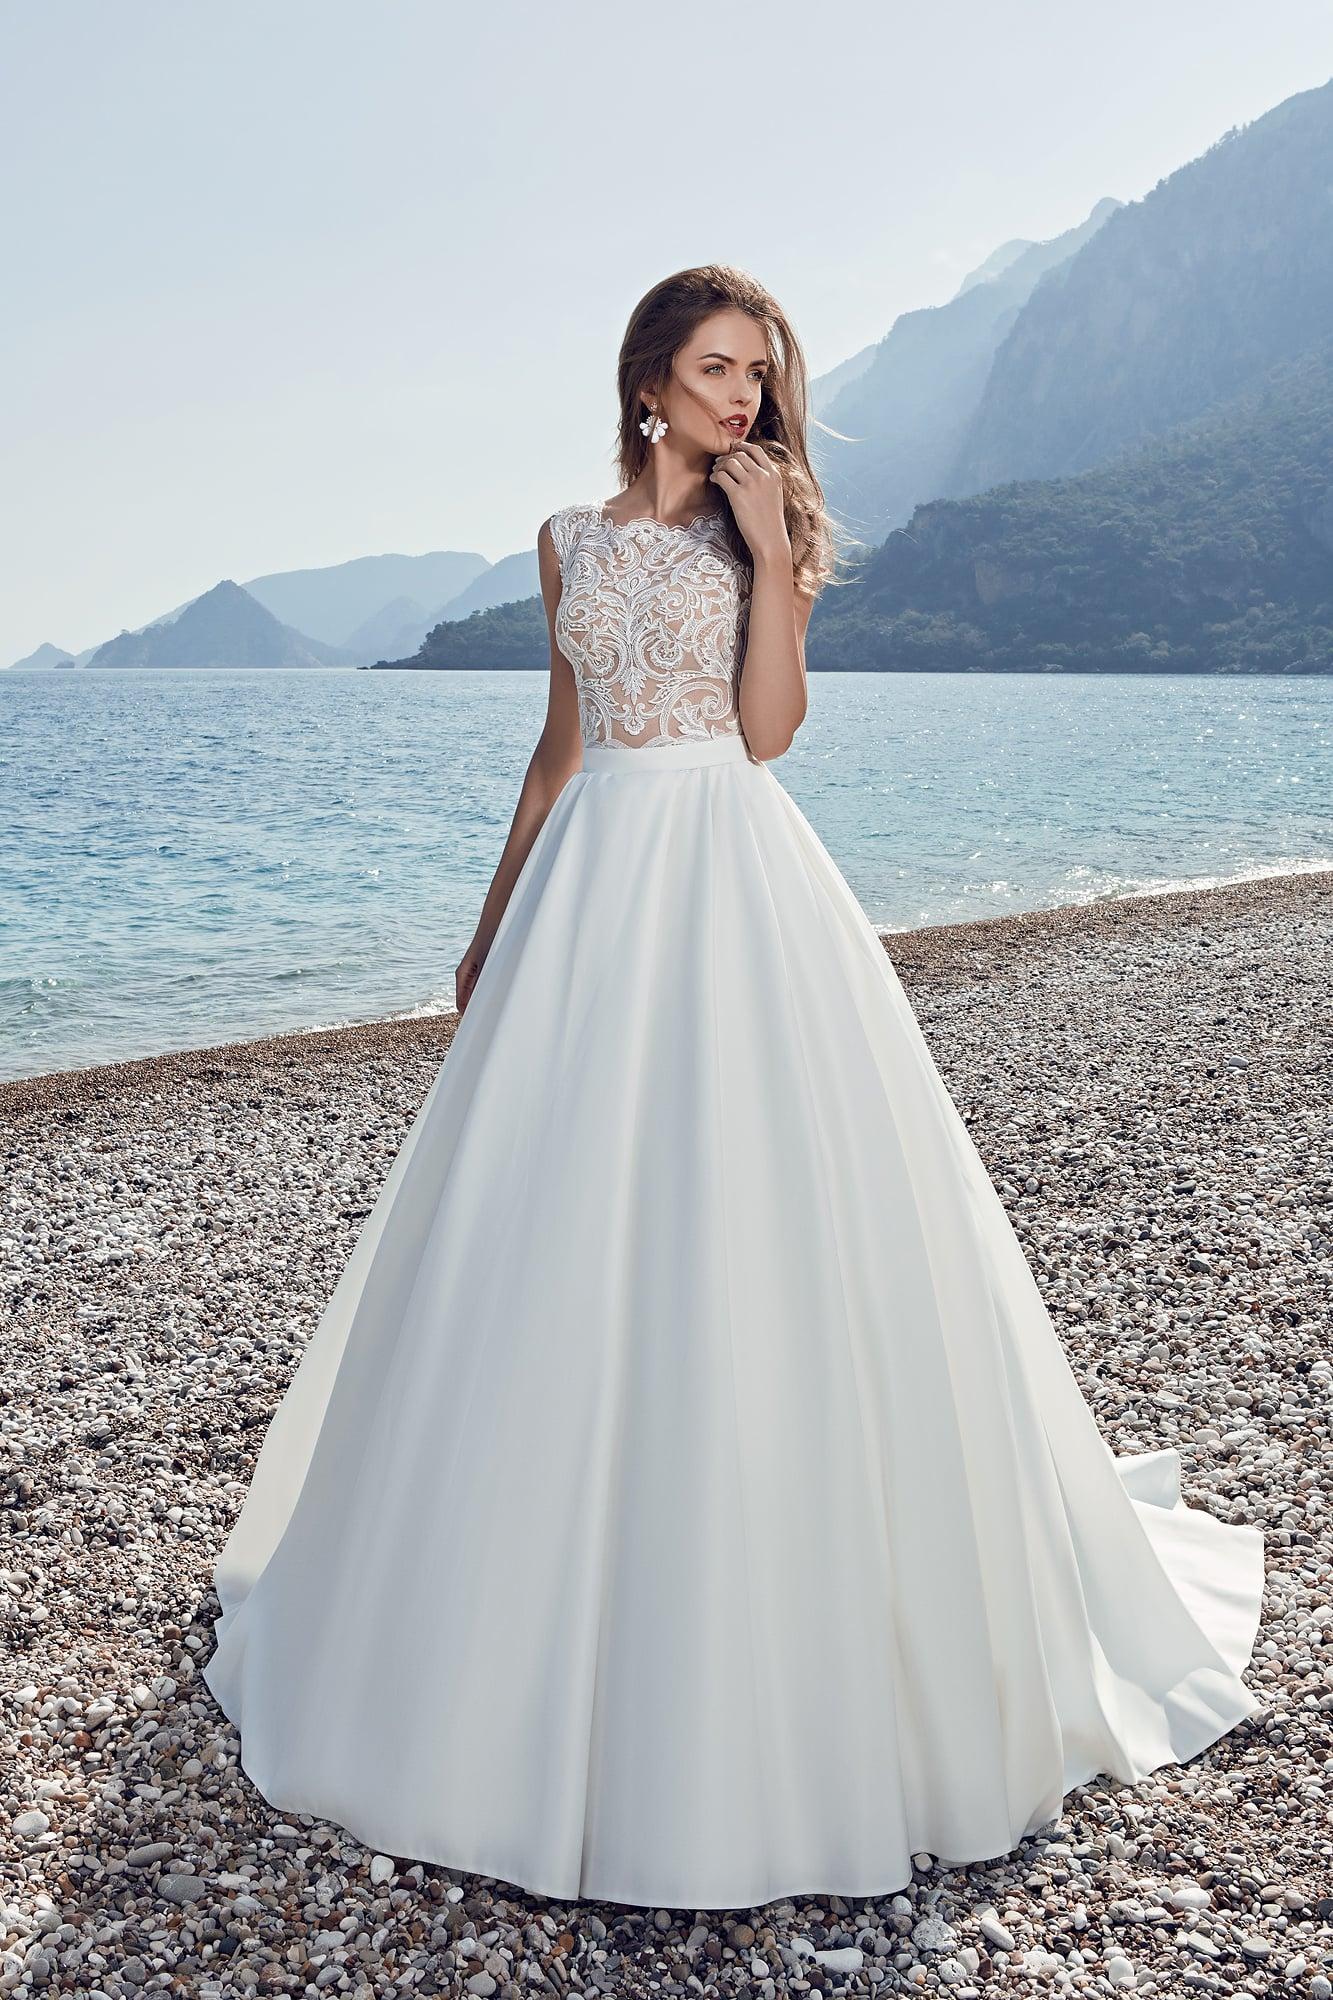 e84be758d64 Атласное свадебное платье «трапеция» с полупрозрачным кружевным лифом с  закрытым декольте.